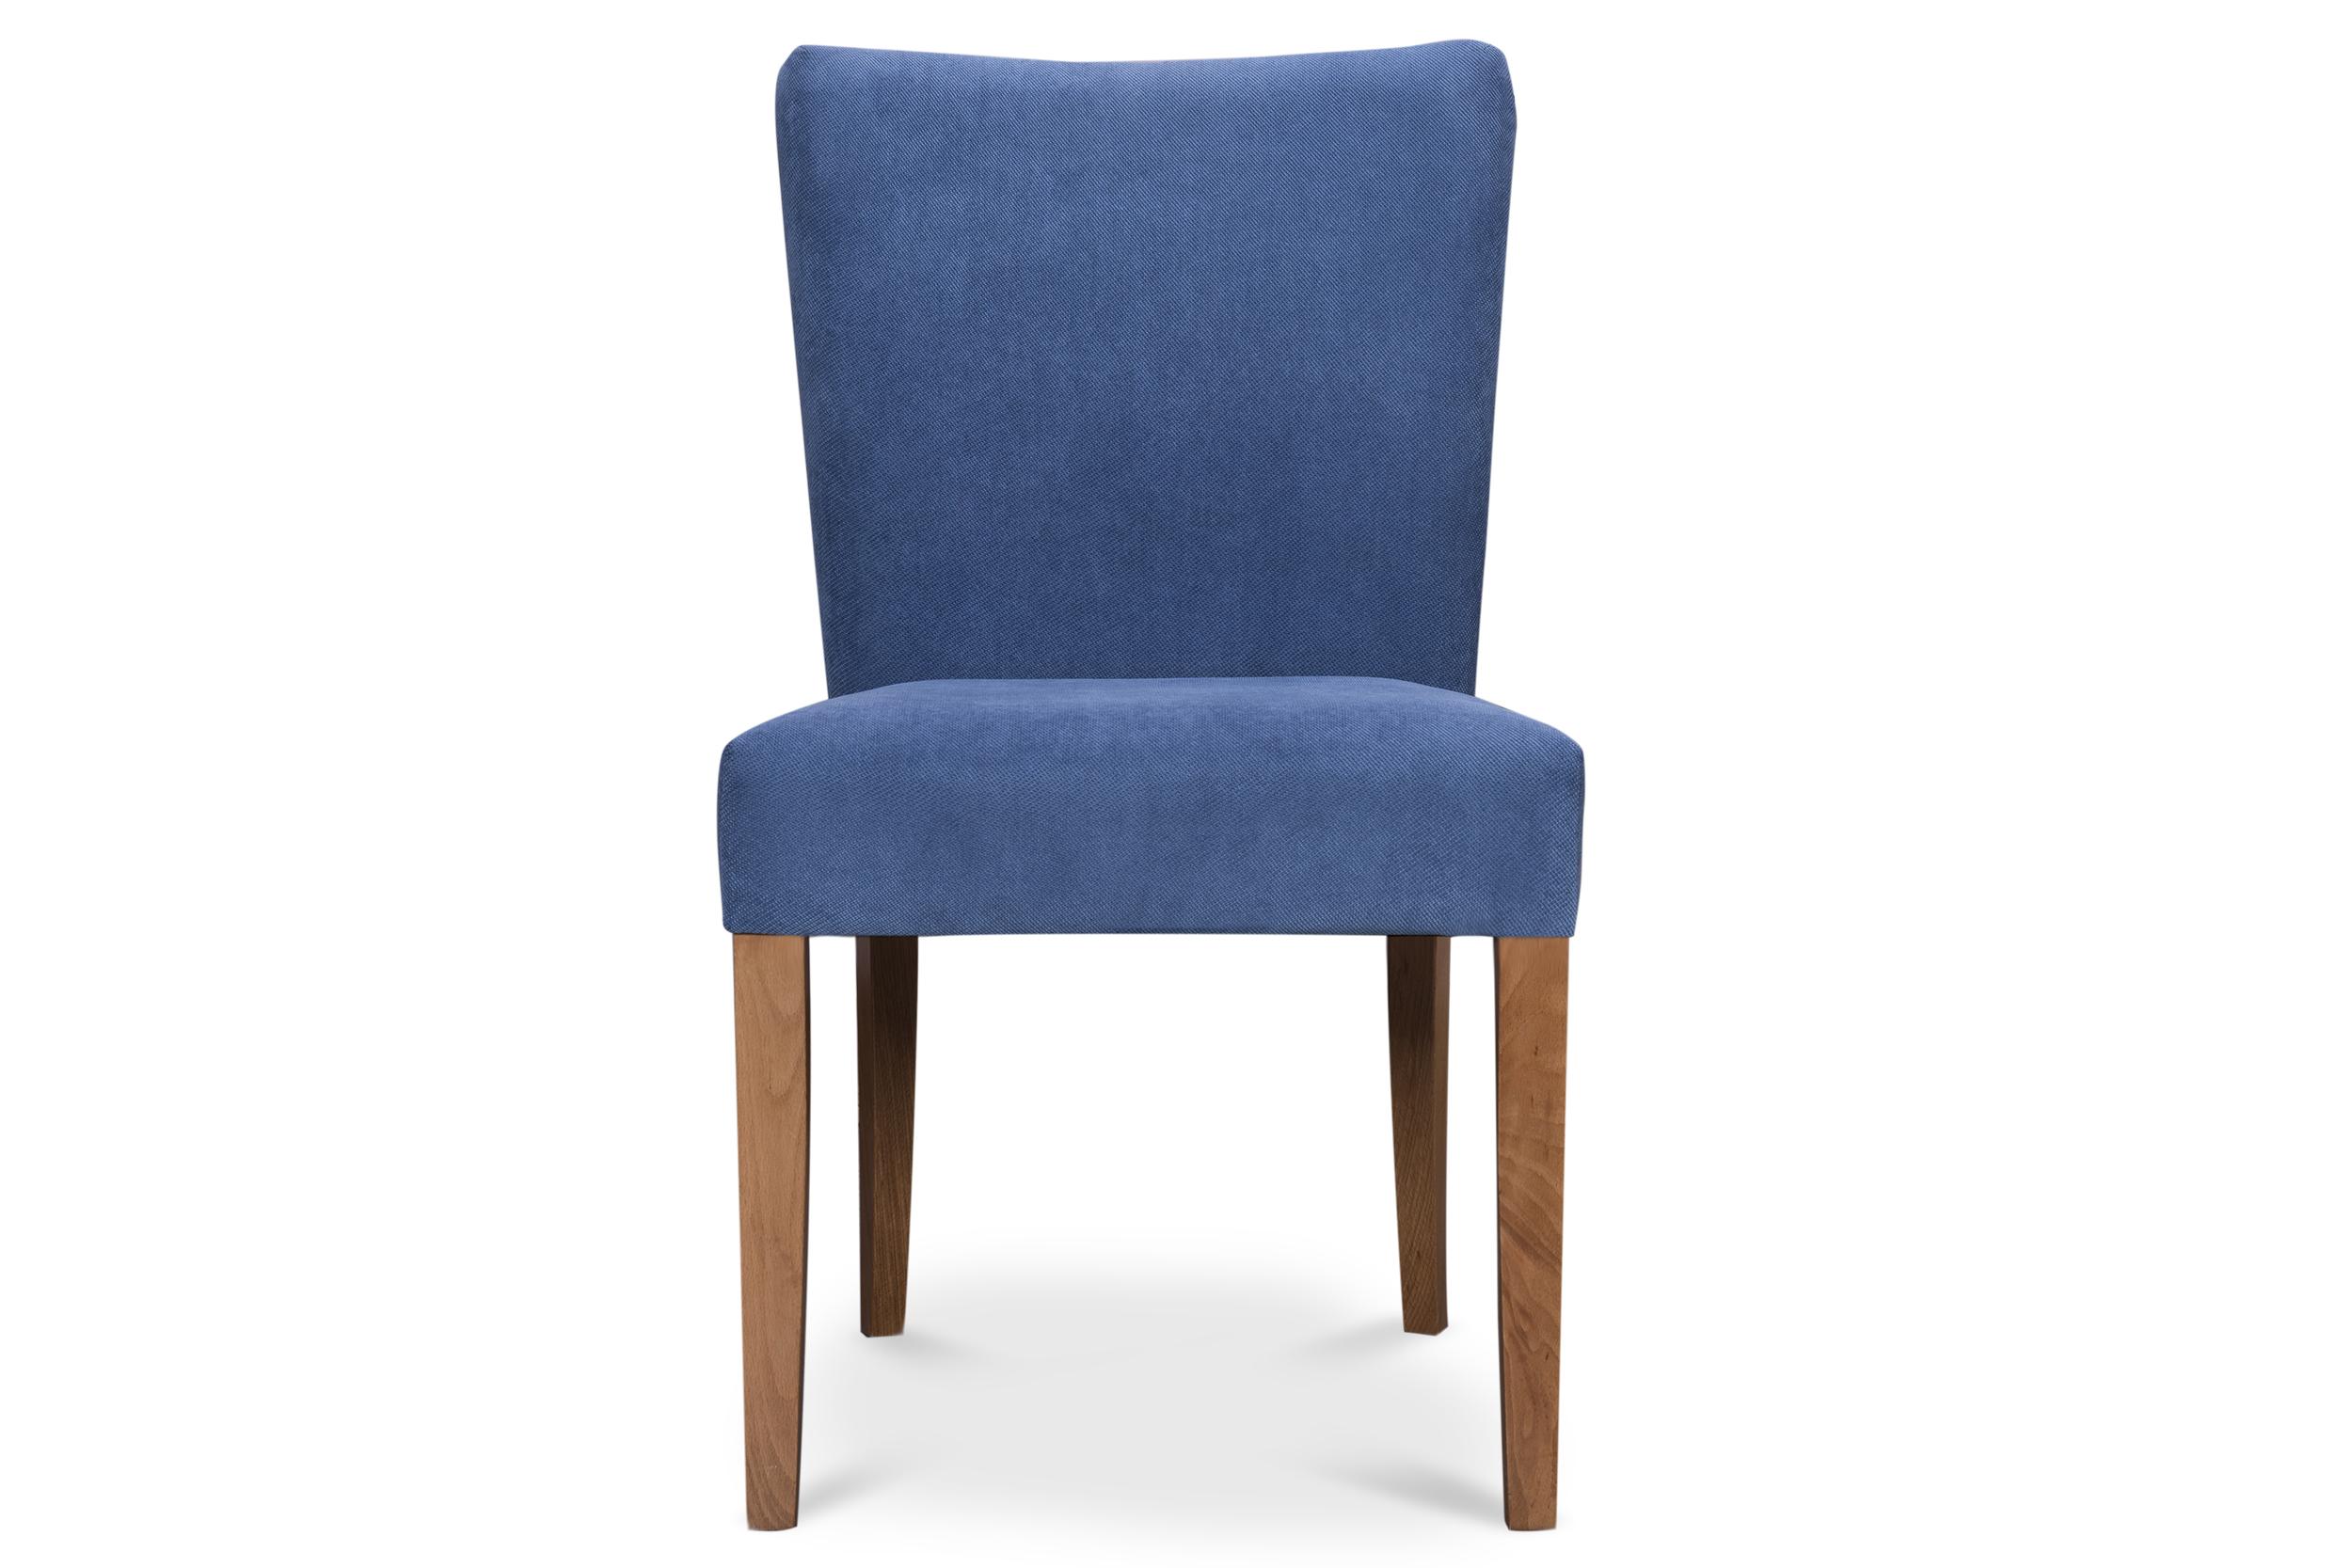 Стул SethОбеденные стулья<br>Стул Seth - образец минимализма и трепетного отношения к экологичным материалам. С ним вы сможете сформировать совершенно новый образ вашего интерьера или одним элегантным штрихом дополнить уже имеющийся.Высота сидения: 49 см.<br><br>kit: None<br>gender: None